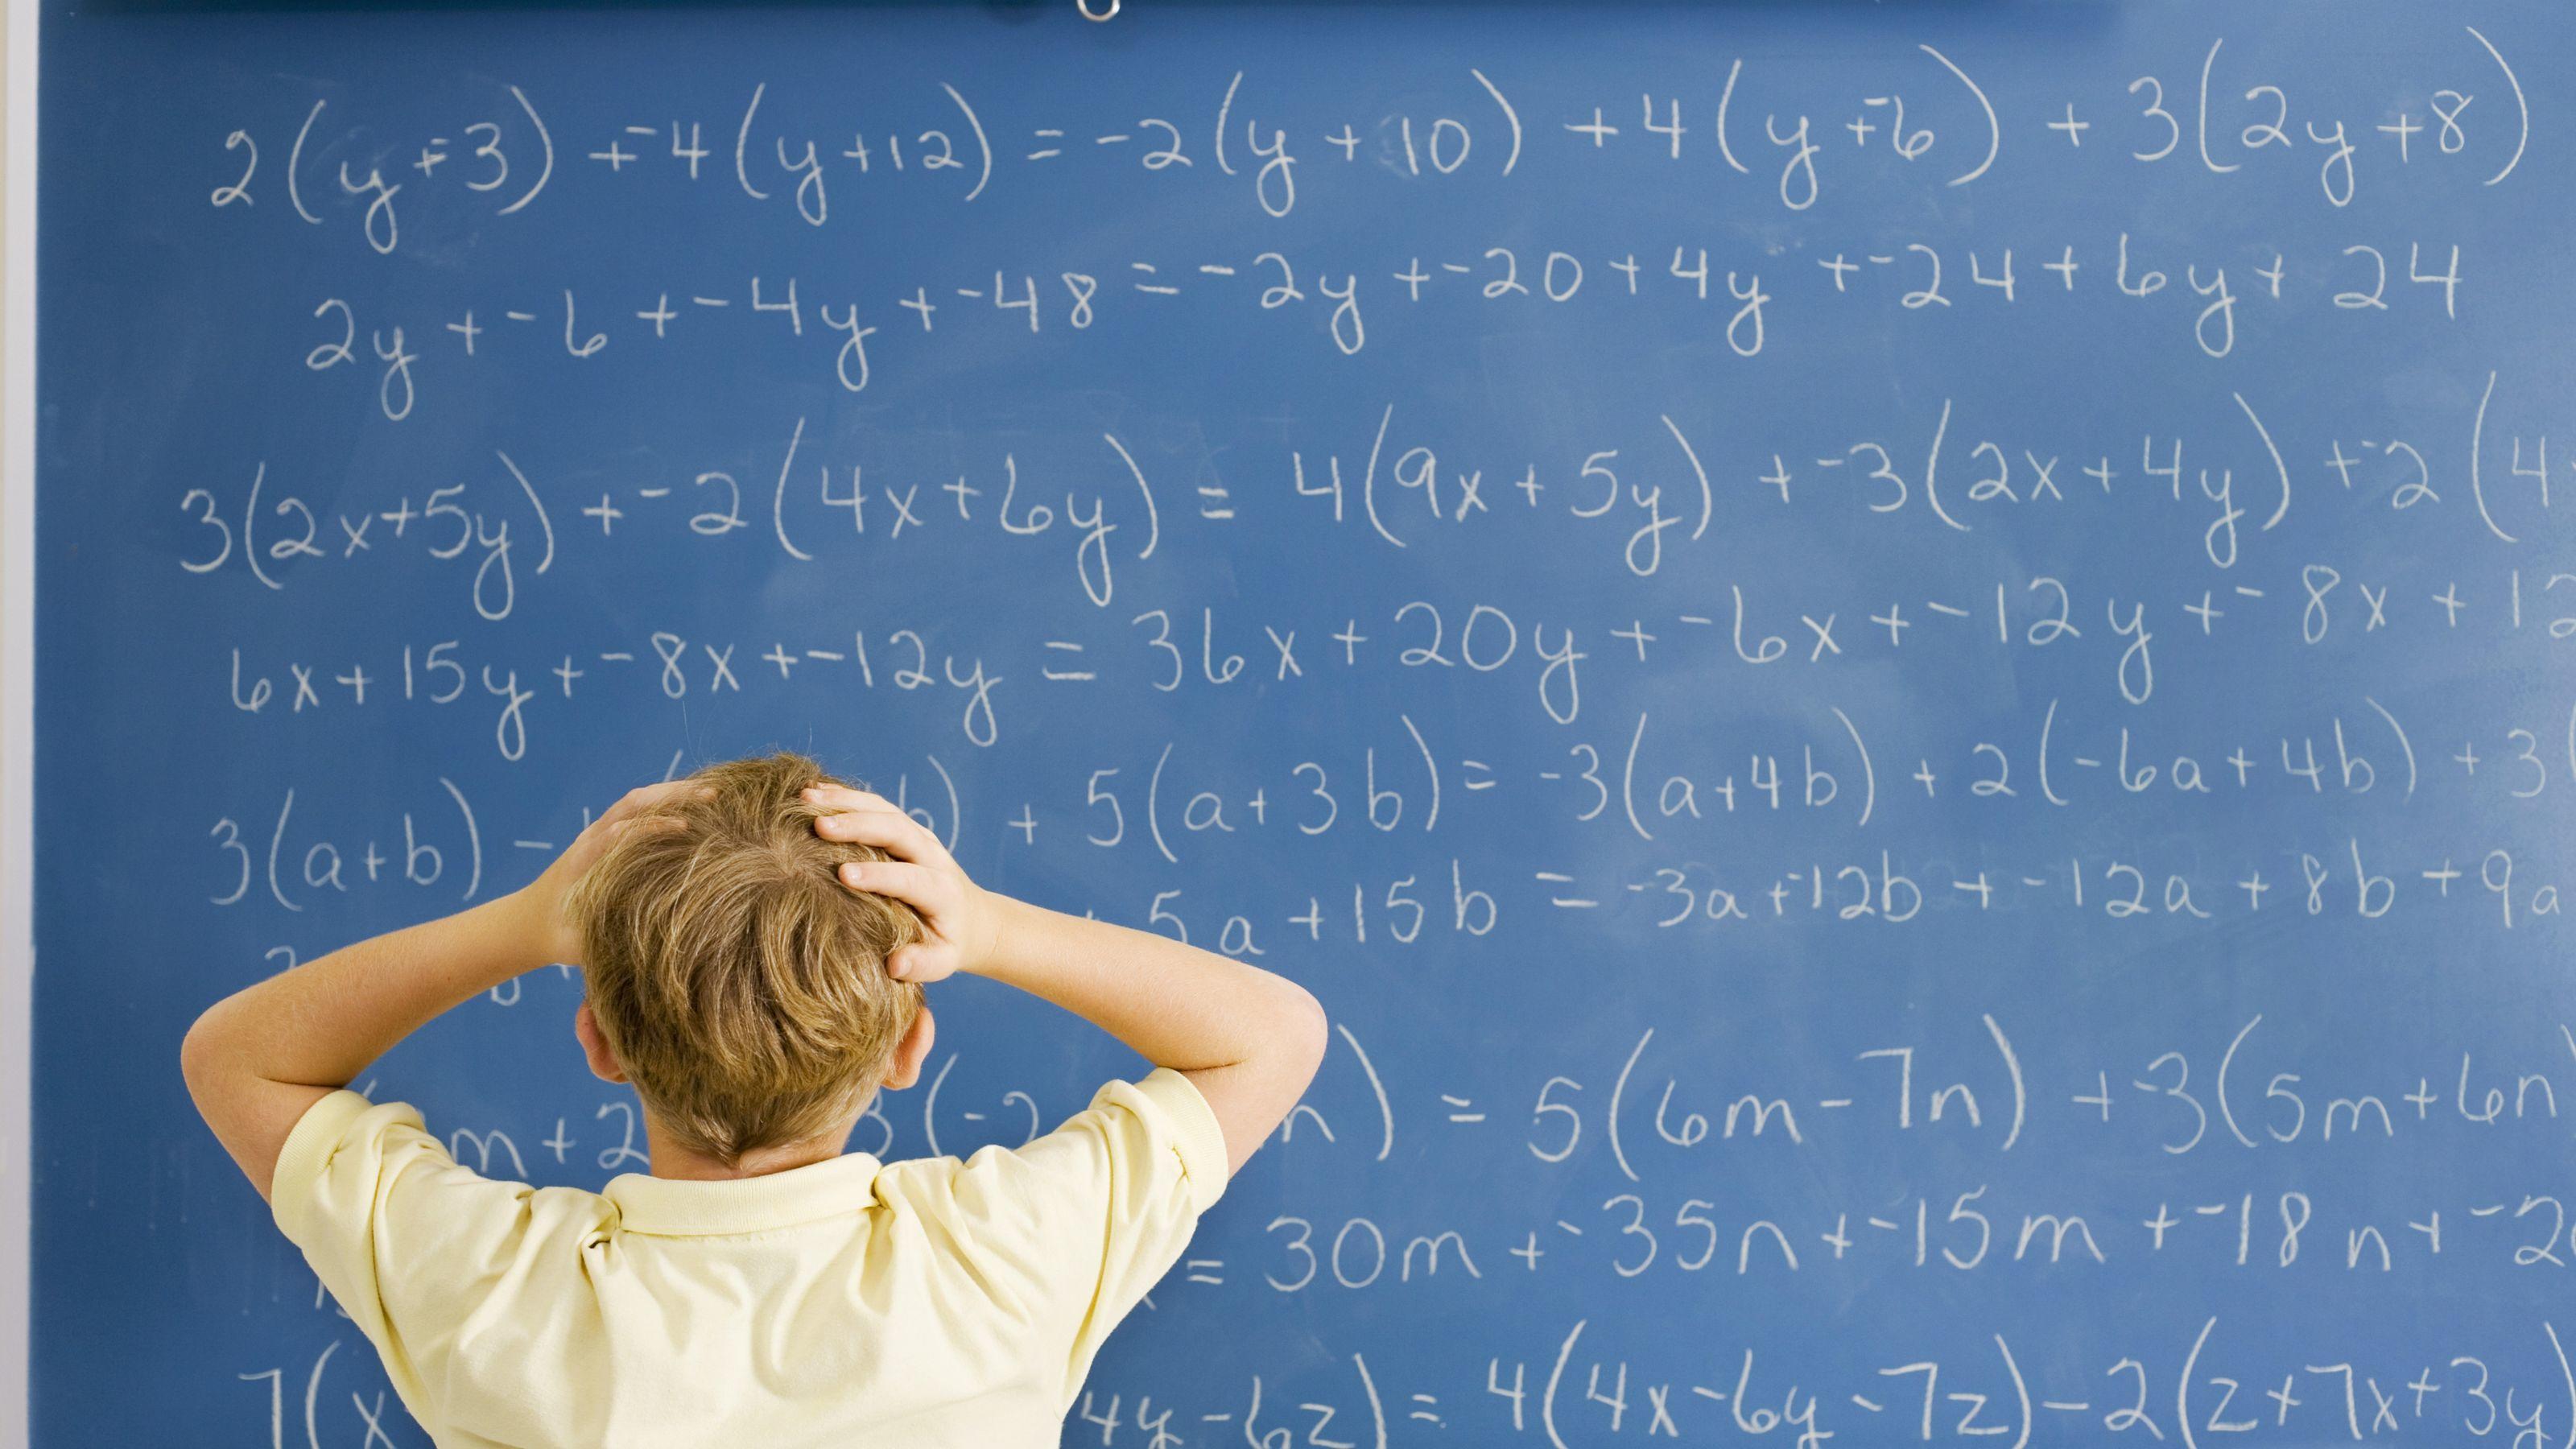 Matematiğe Karşı Korkunun Yenilmesi için Çocuklarda Uygulanması Gerekenler